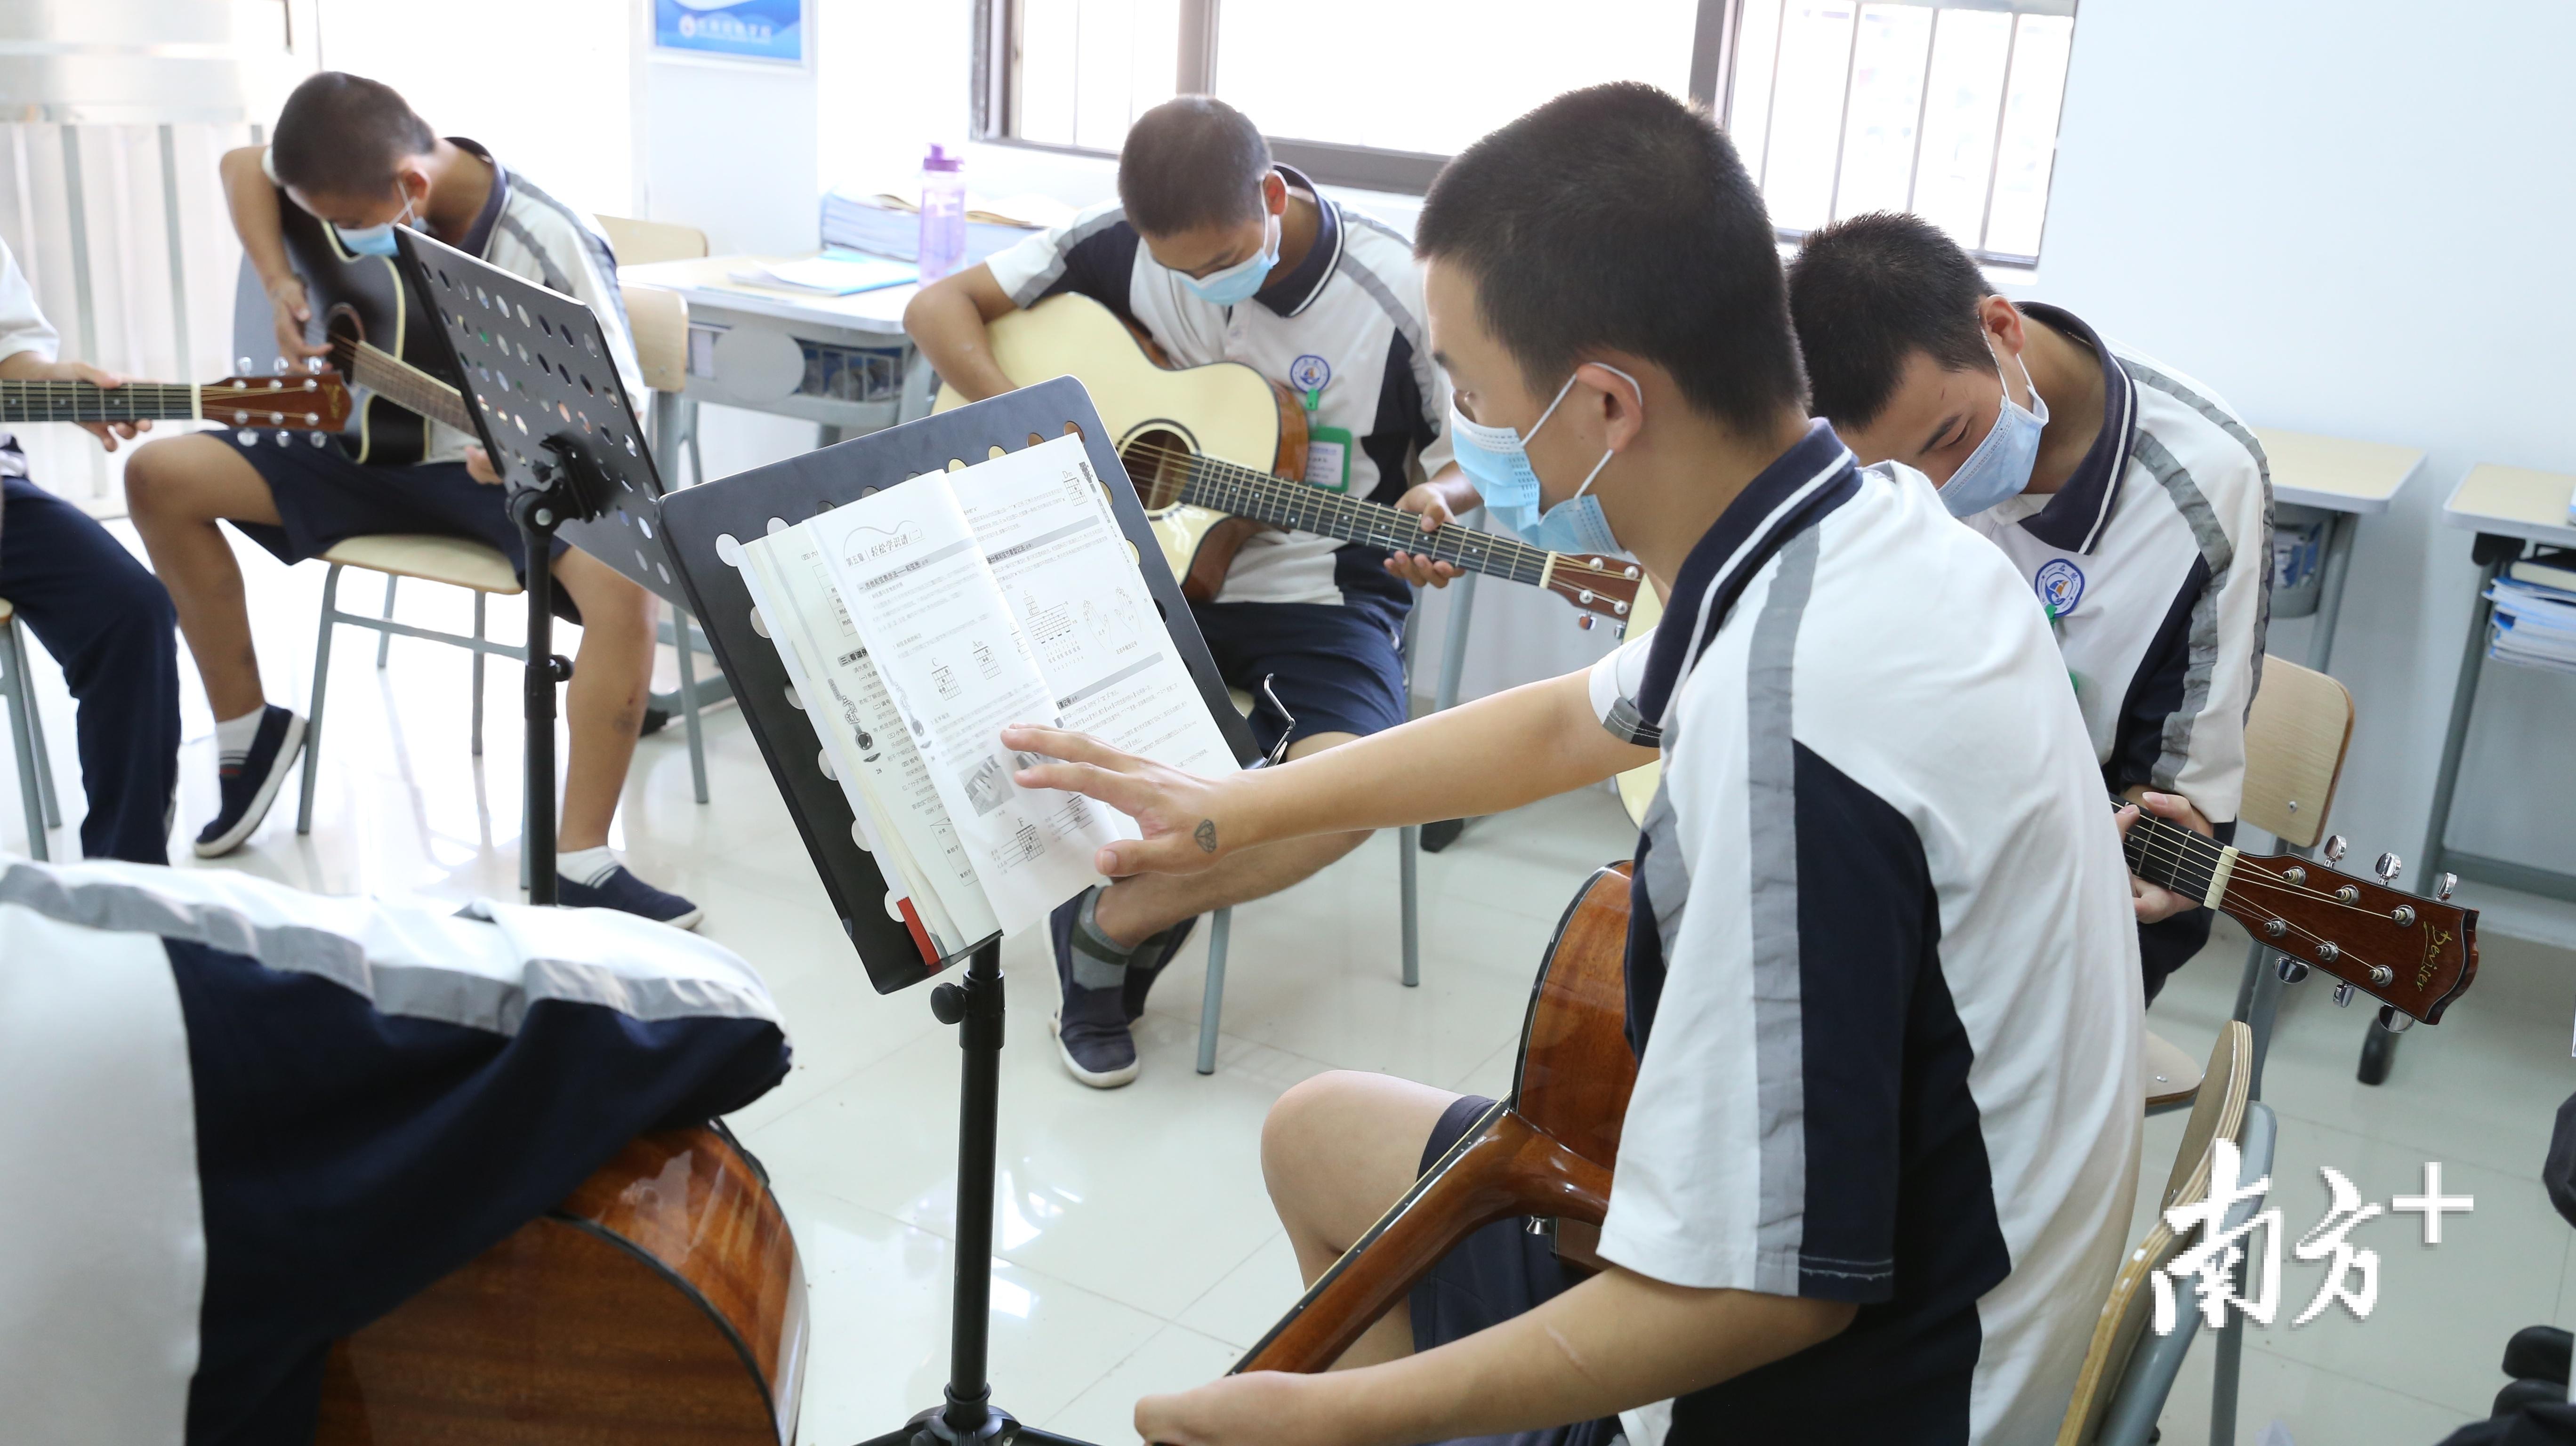 启航学校的学生在上吉他课。摄影 李玲